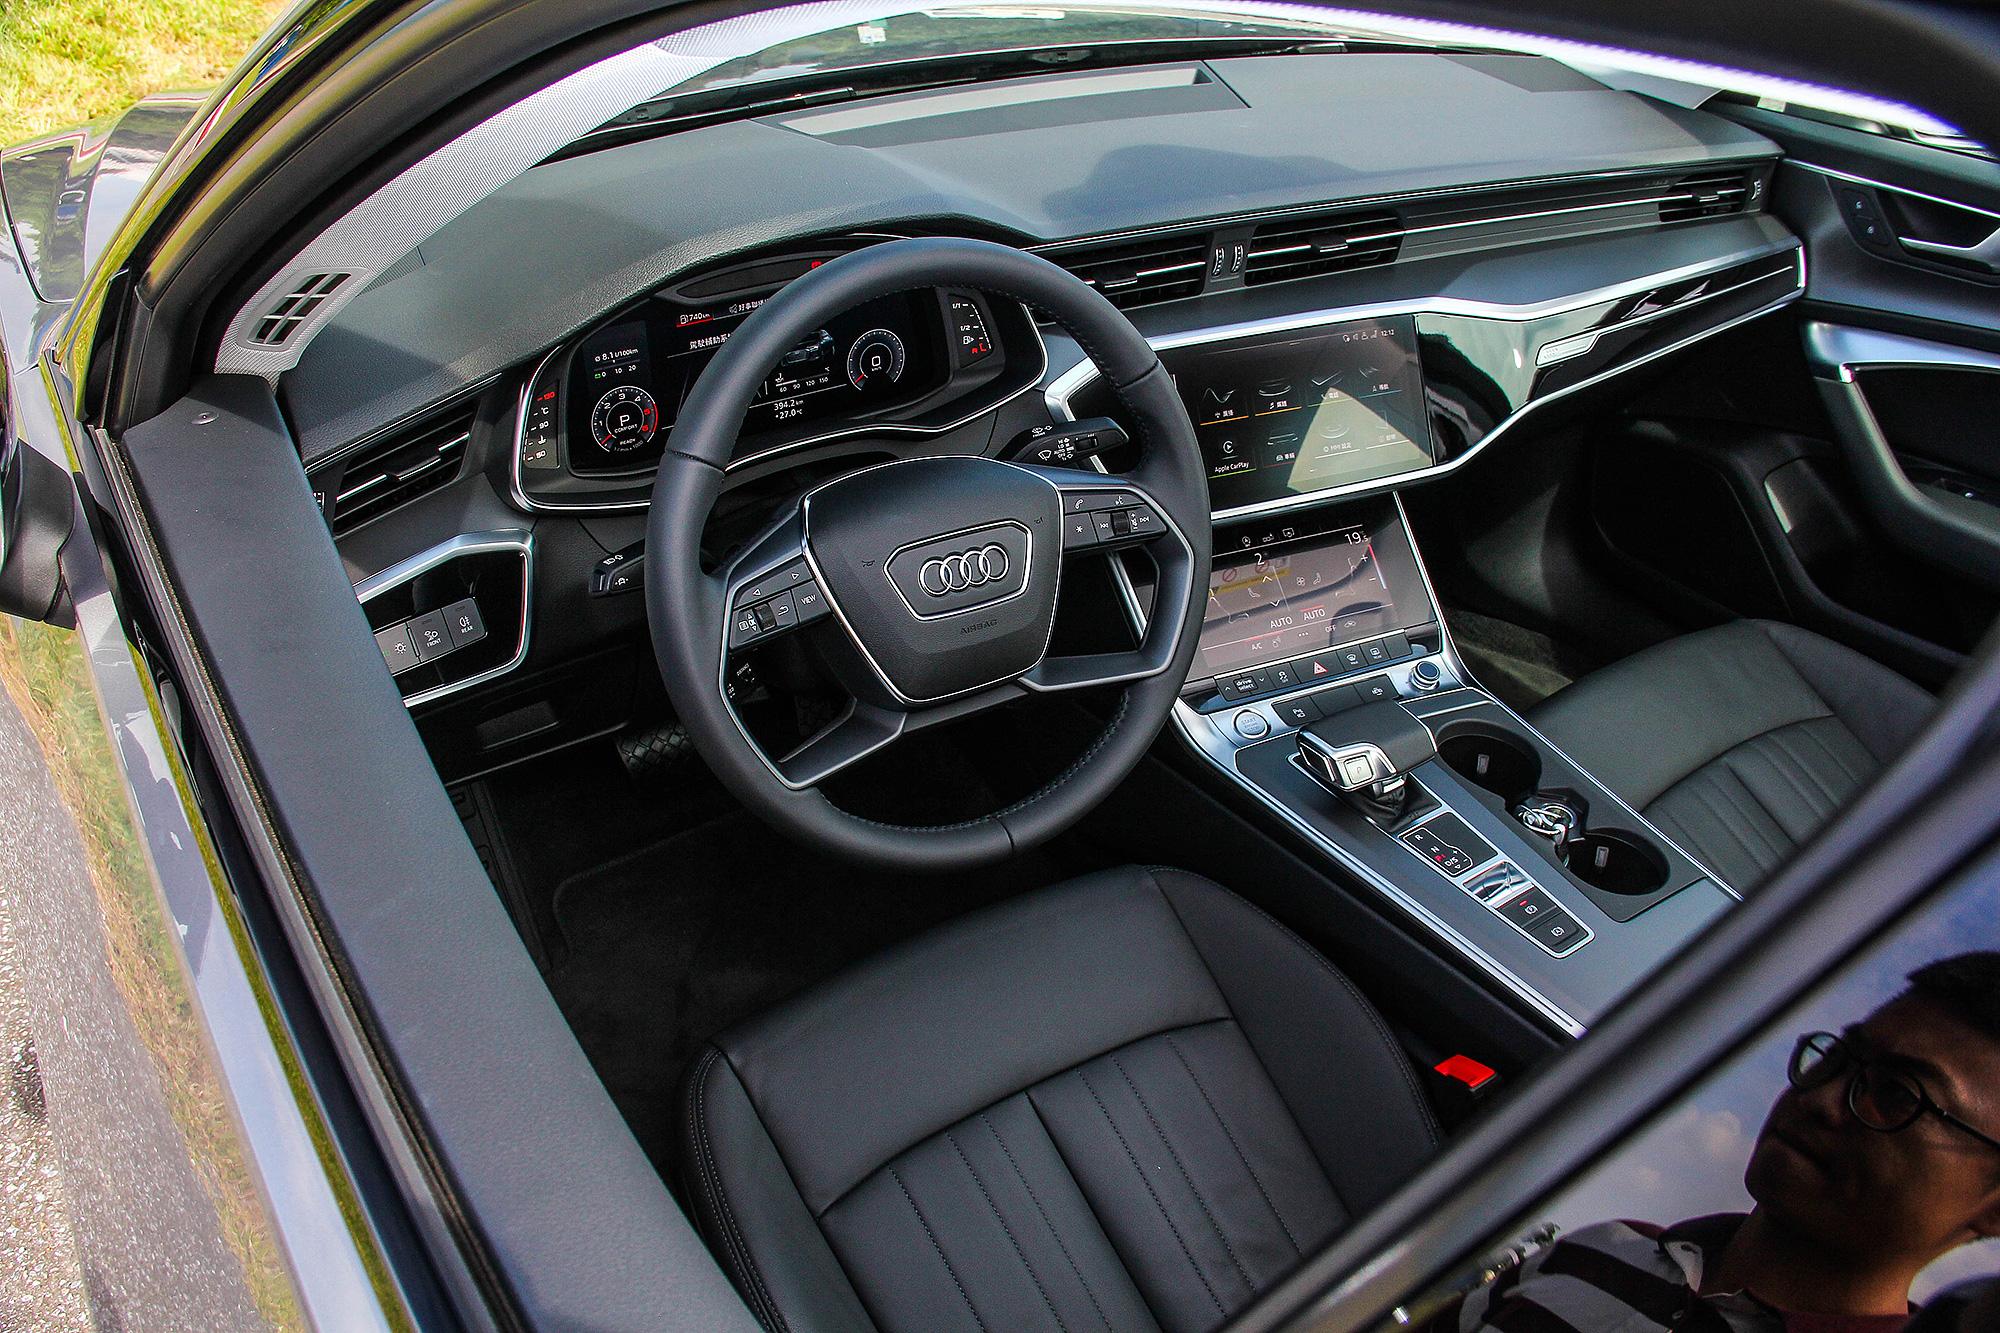 座艙一如 Audi 近年來的風格,大步走向科技化。